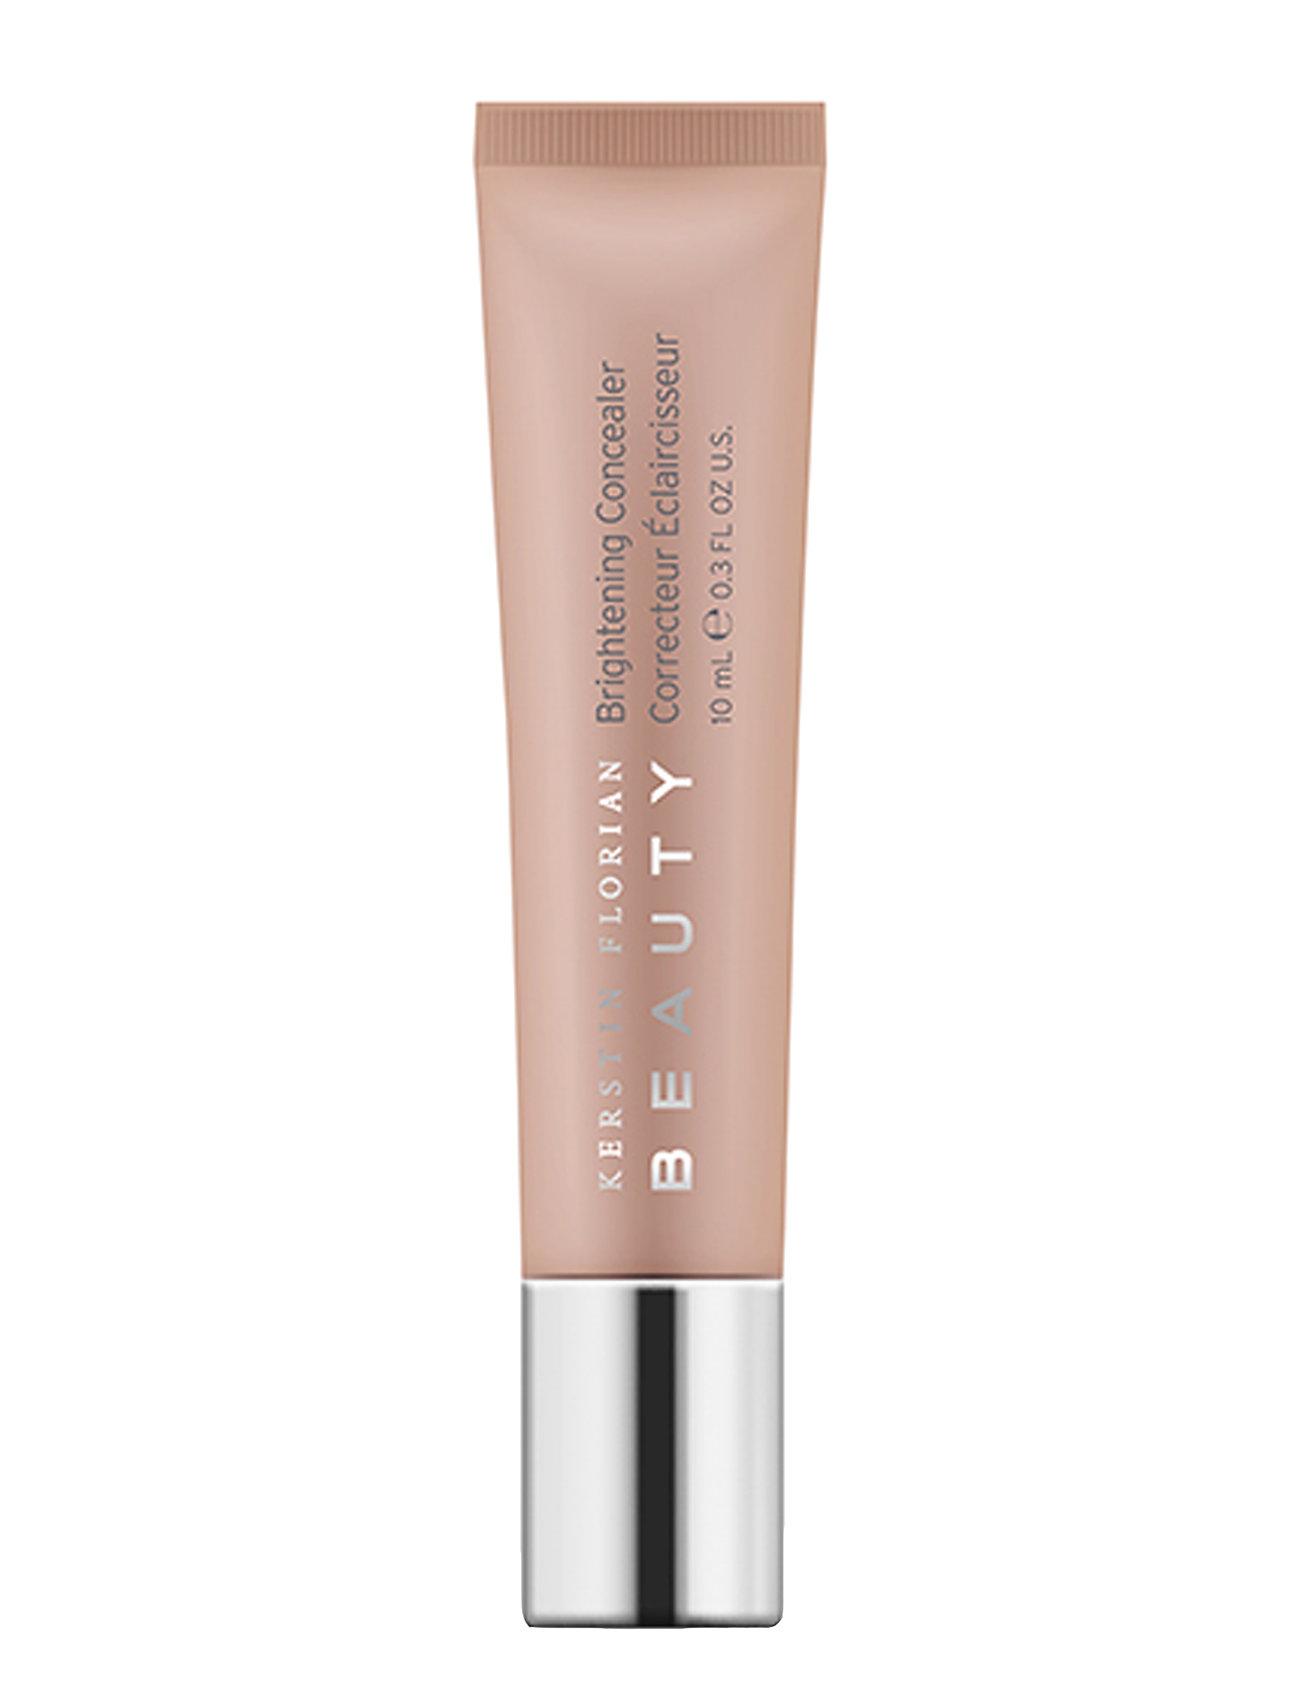 Image of Brightening Concealer Concealer Makeup KERSTIN FLORIAN (3077236789)